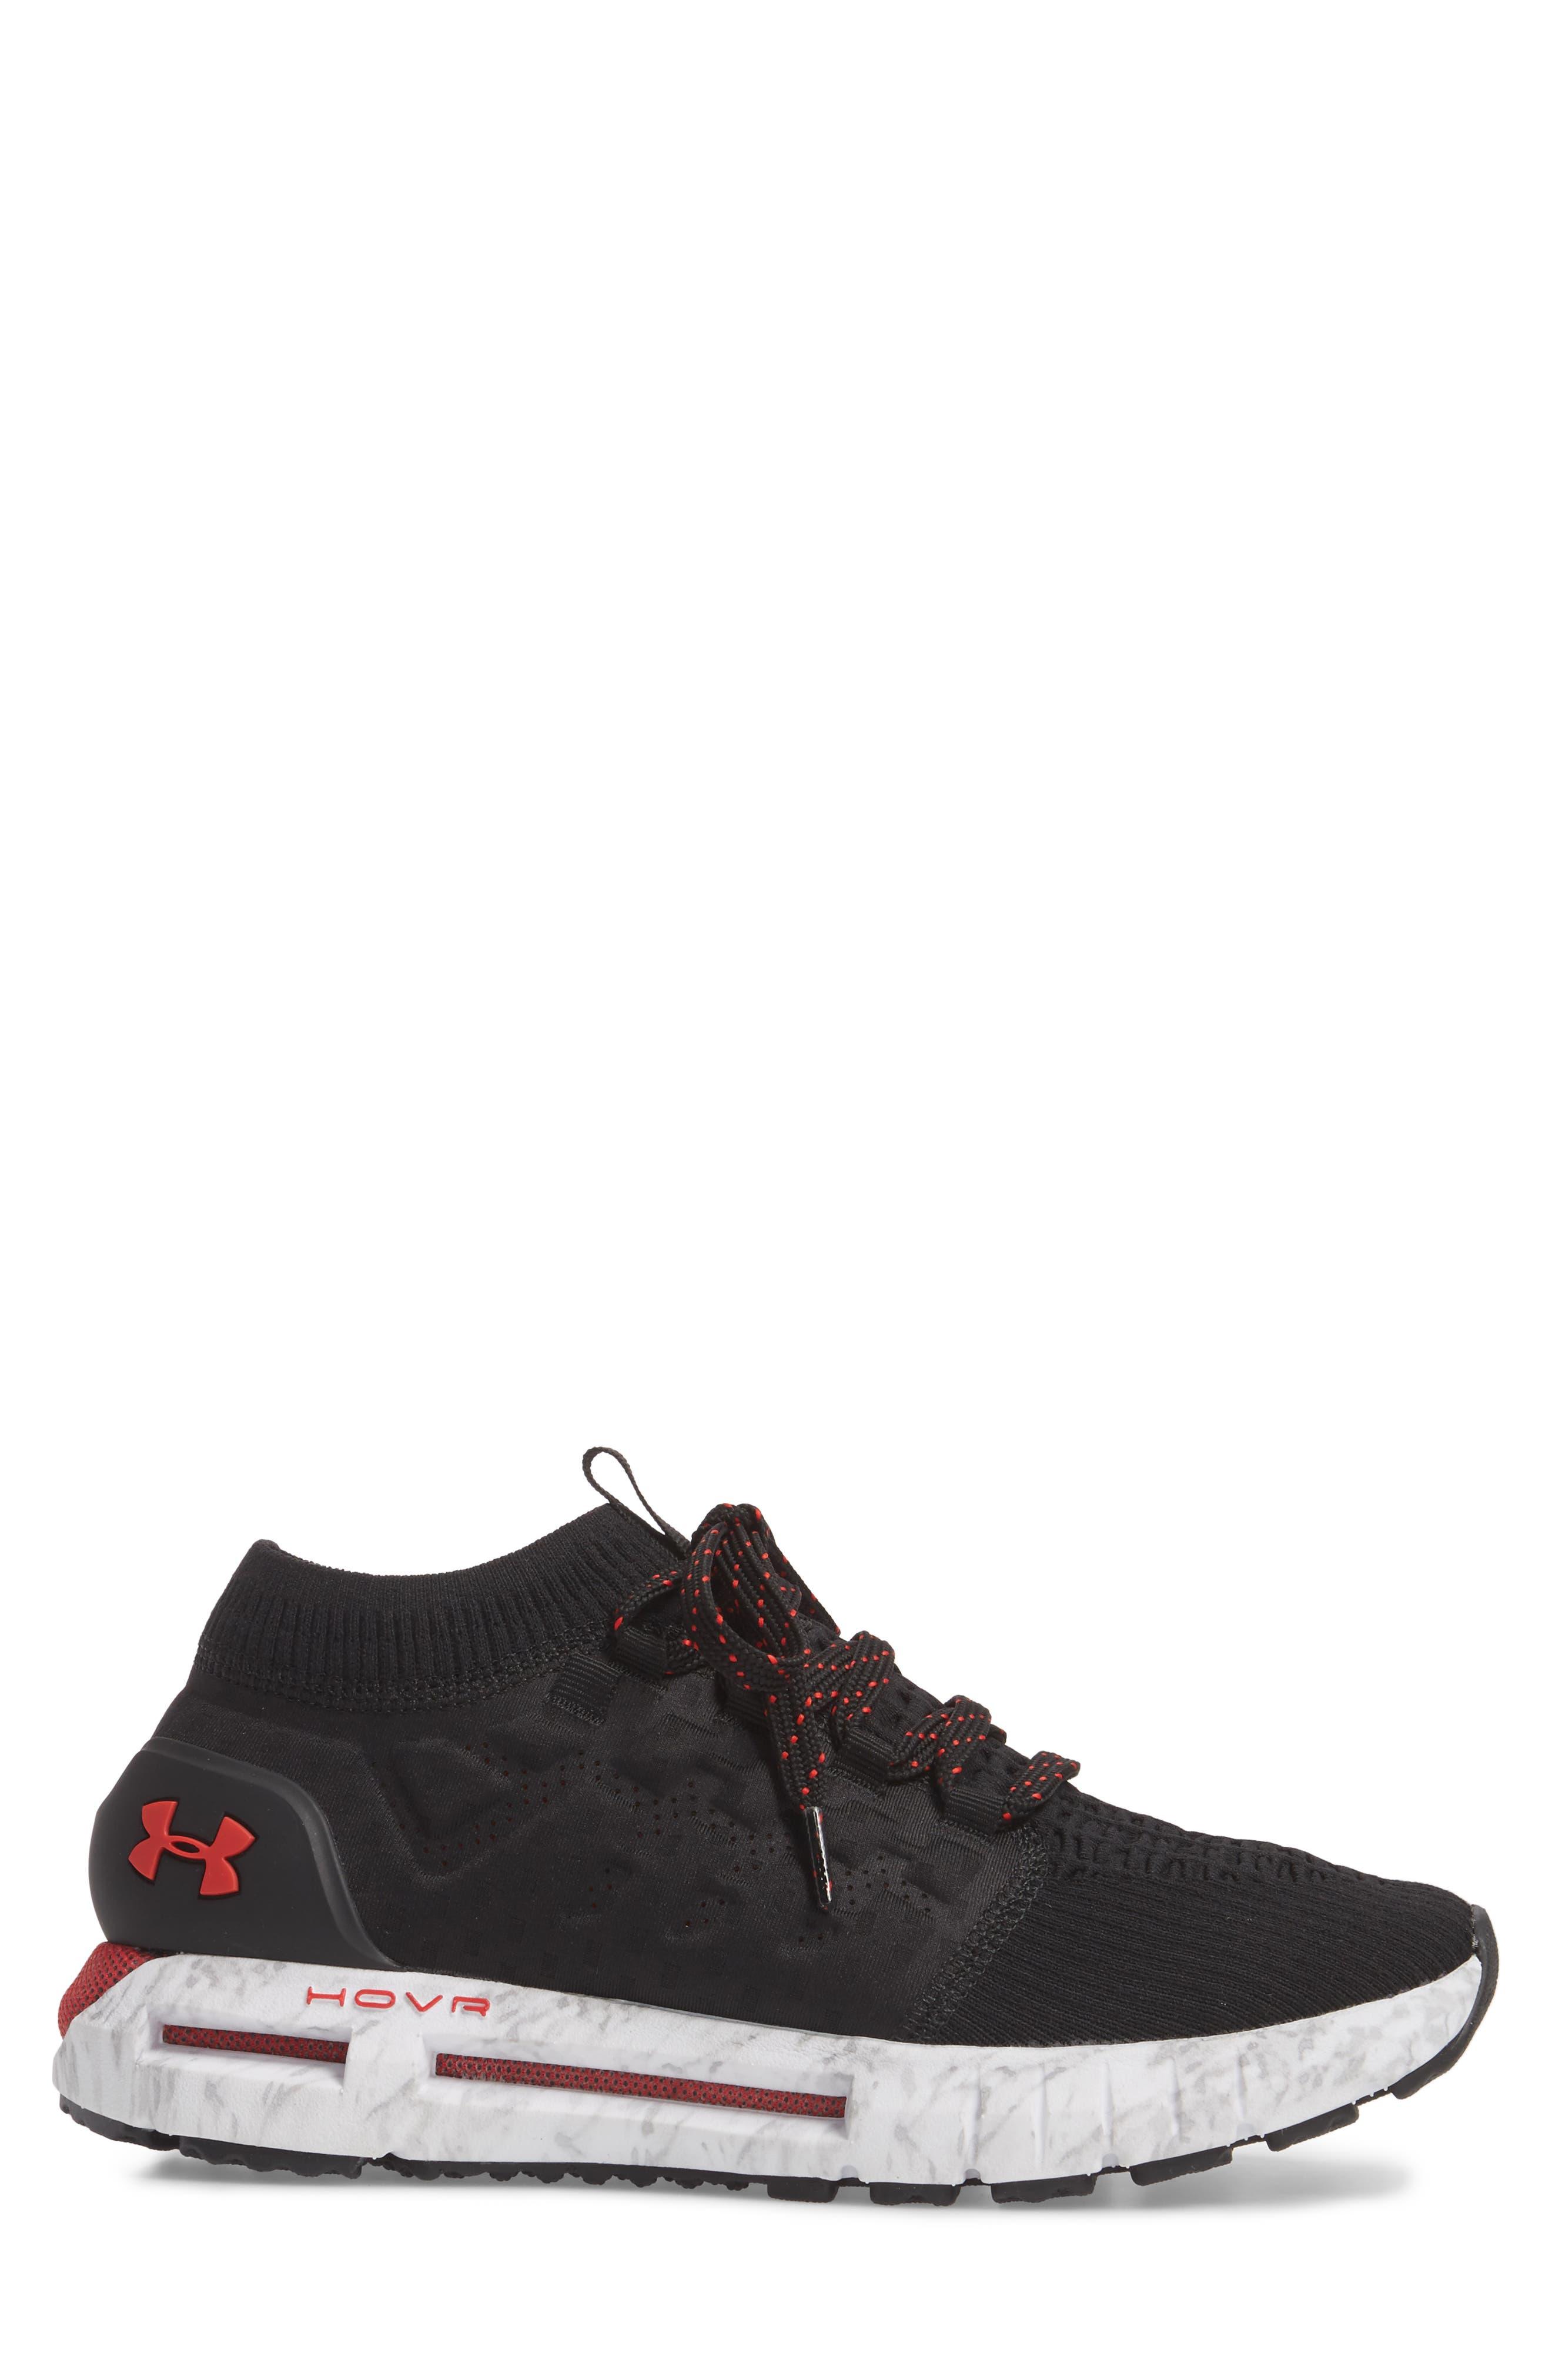 HOVR Phantom NC Sneaker,                             Alternate thumbnail 3, color,                             BLACK/ WHITE/ RED